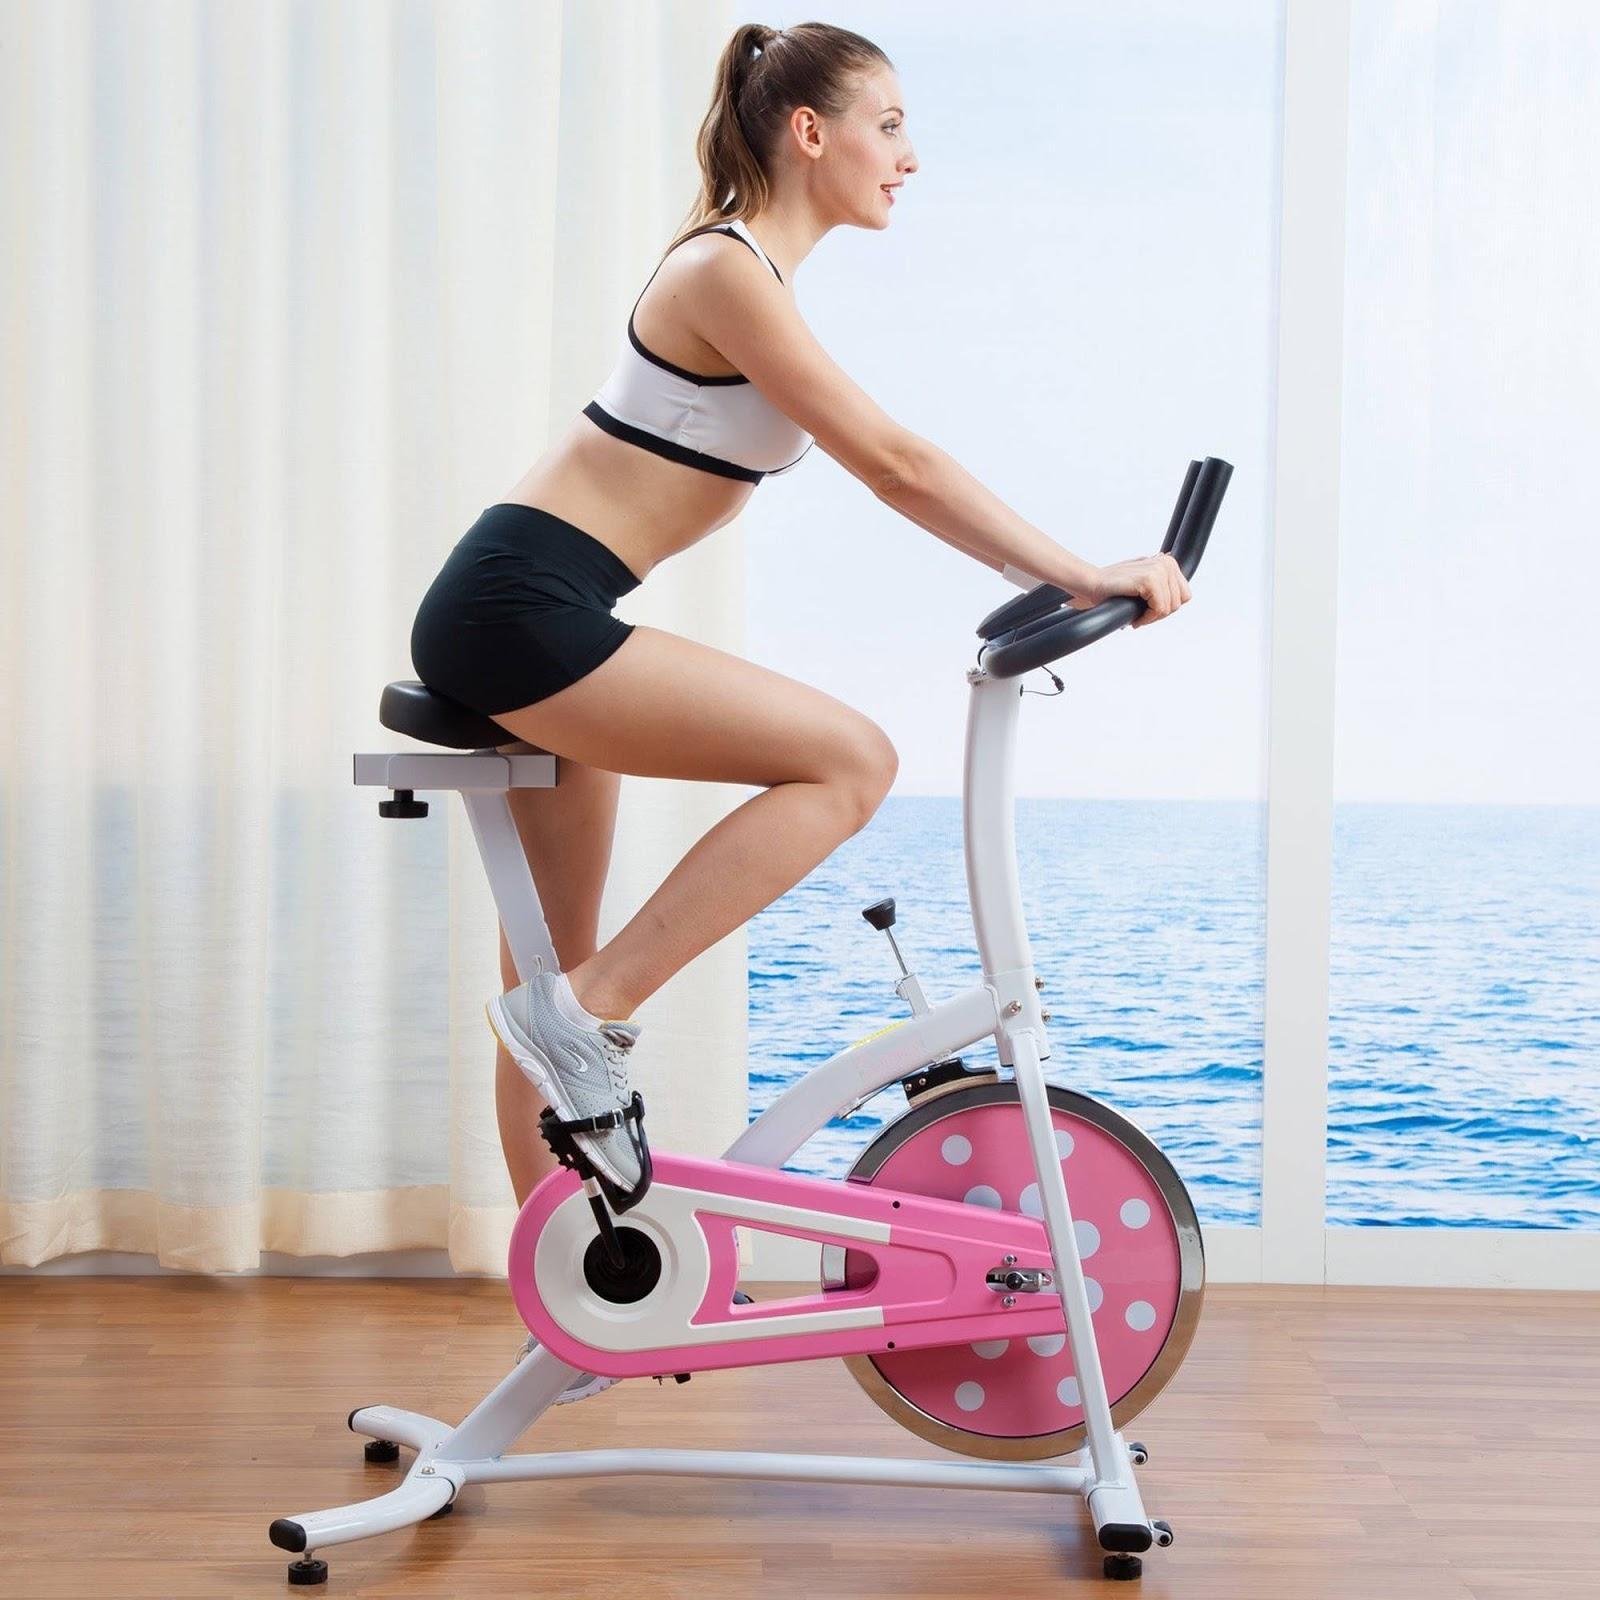 Велотренажёр для похудения: как правильно заниматься | все о похудении, здоровом питании и диетах